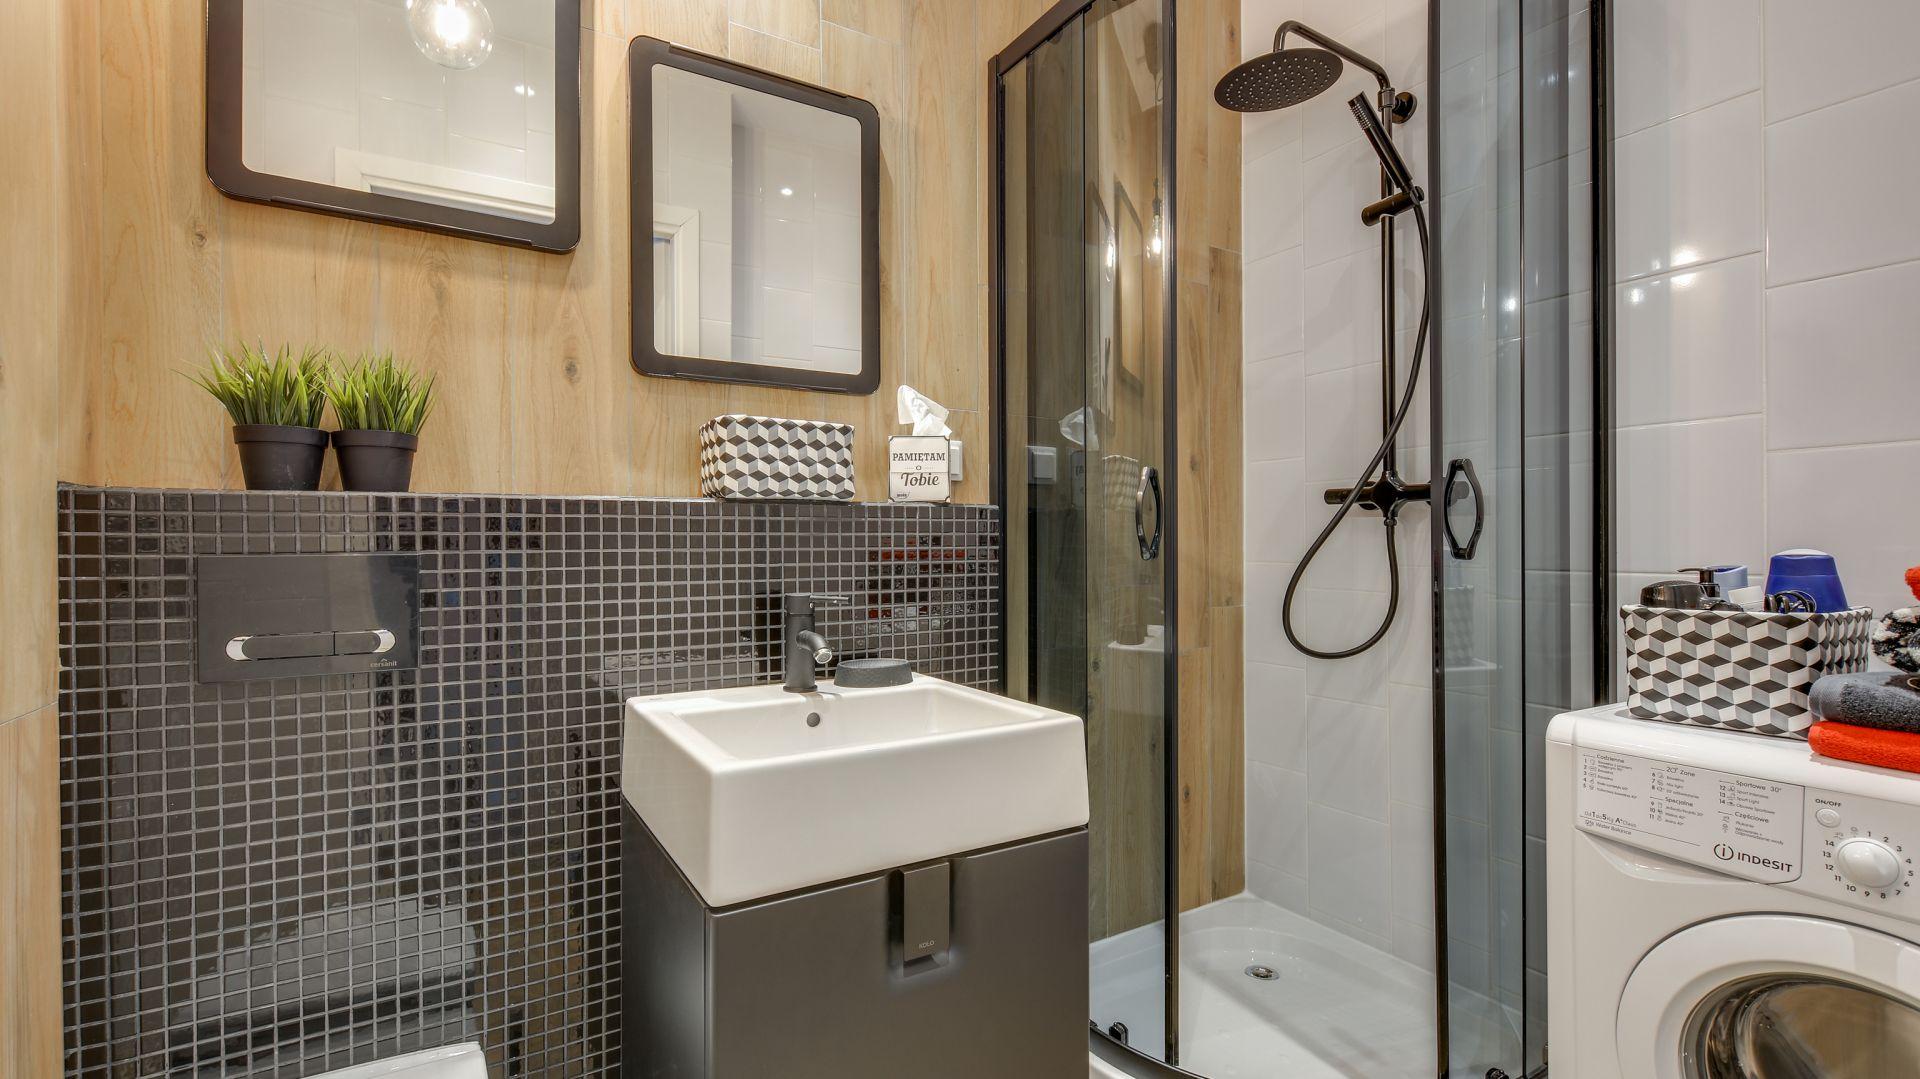 Pomysł na aranżację łazienki w stylu loft. Proj. Małgorzata Mataniak-Pakuła. Fot. Radosław Sobik